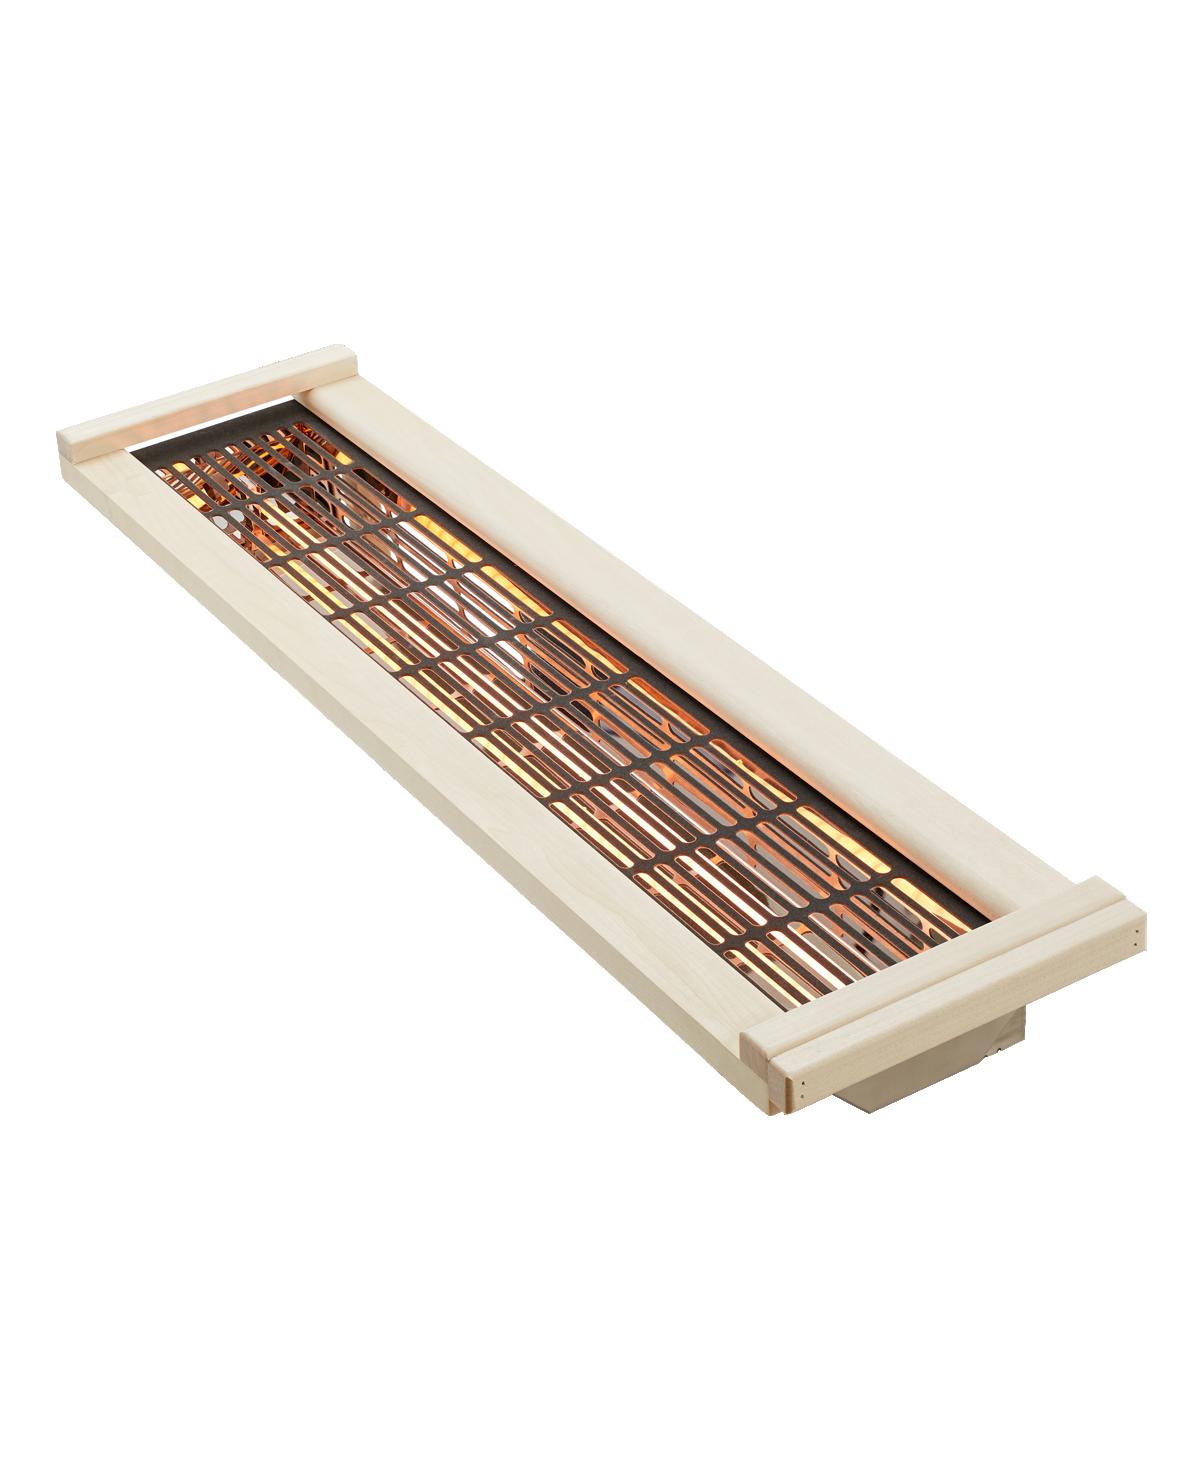 Holzrahmen für VITA Llight Strahler gerader Einbau